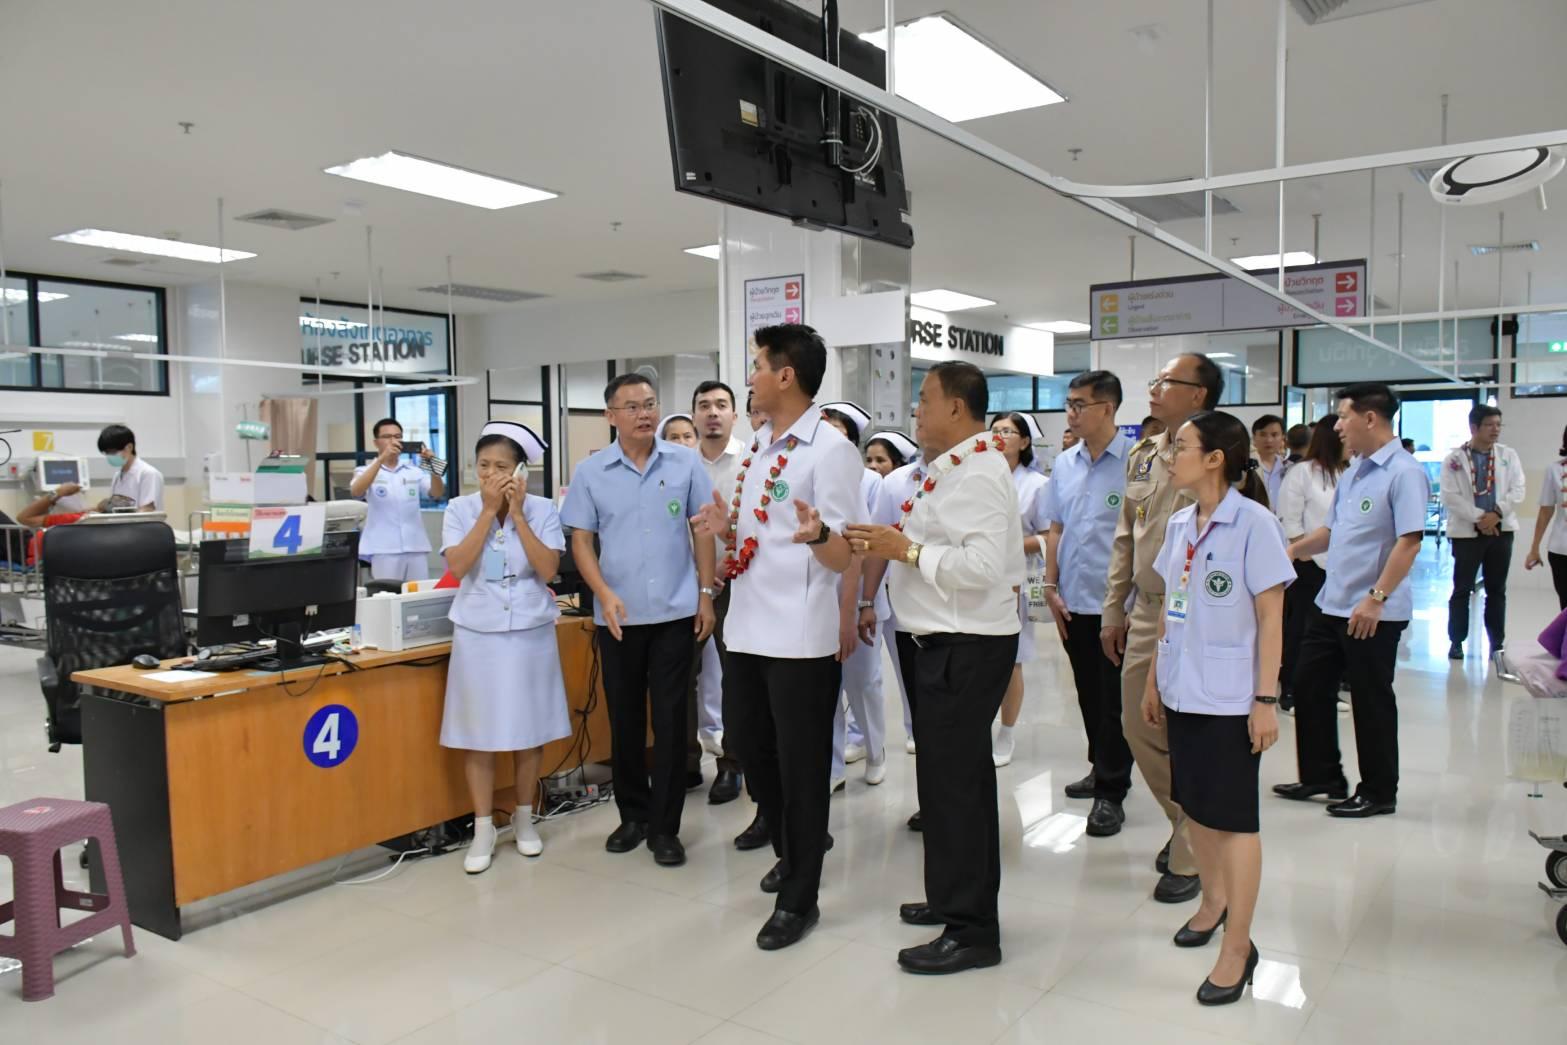 รพ.ปัตตานี ใช้เทคโนโลยีปฐมพยาบาลออนไลน์ ดูแลผู้ป่วยฉุกเฉินจุดเกิดเหตุ